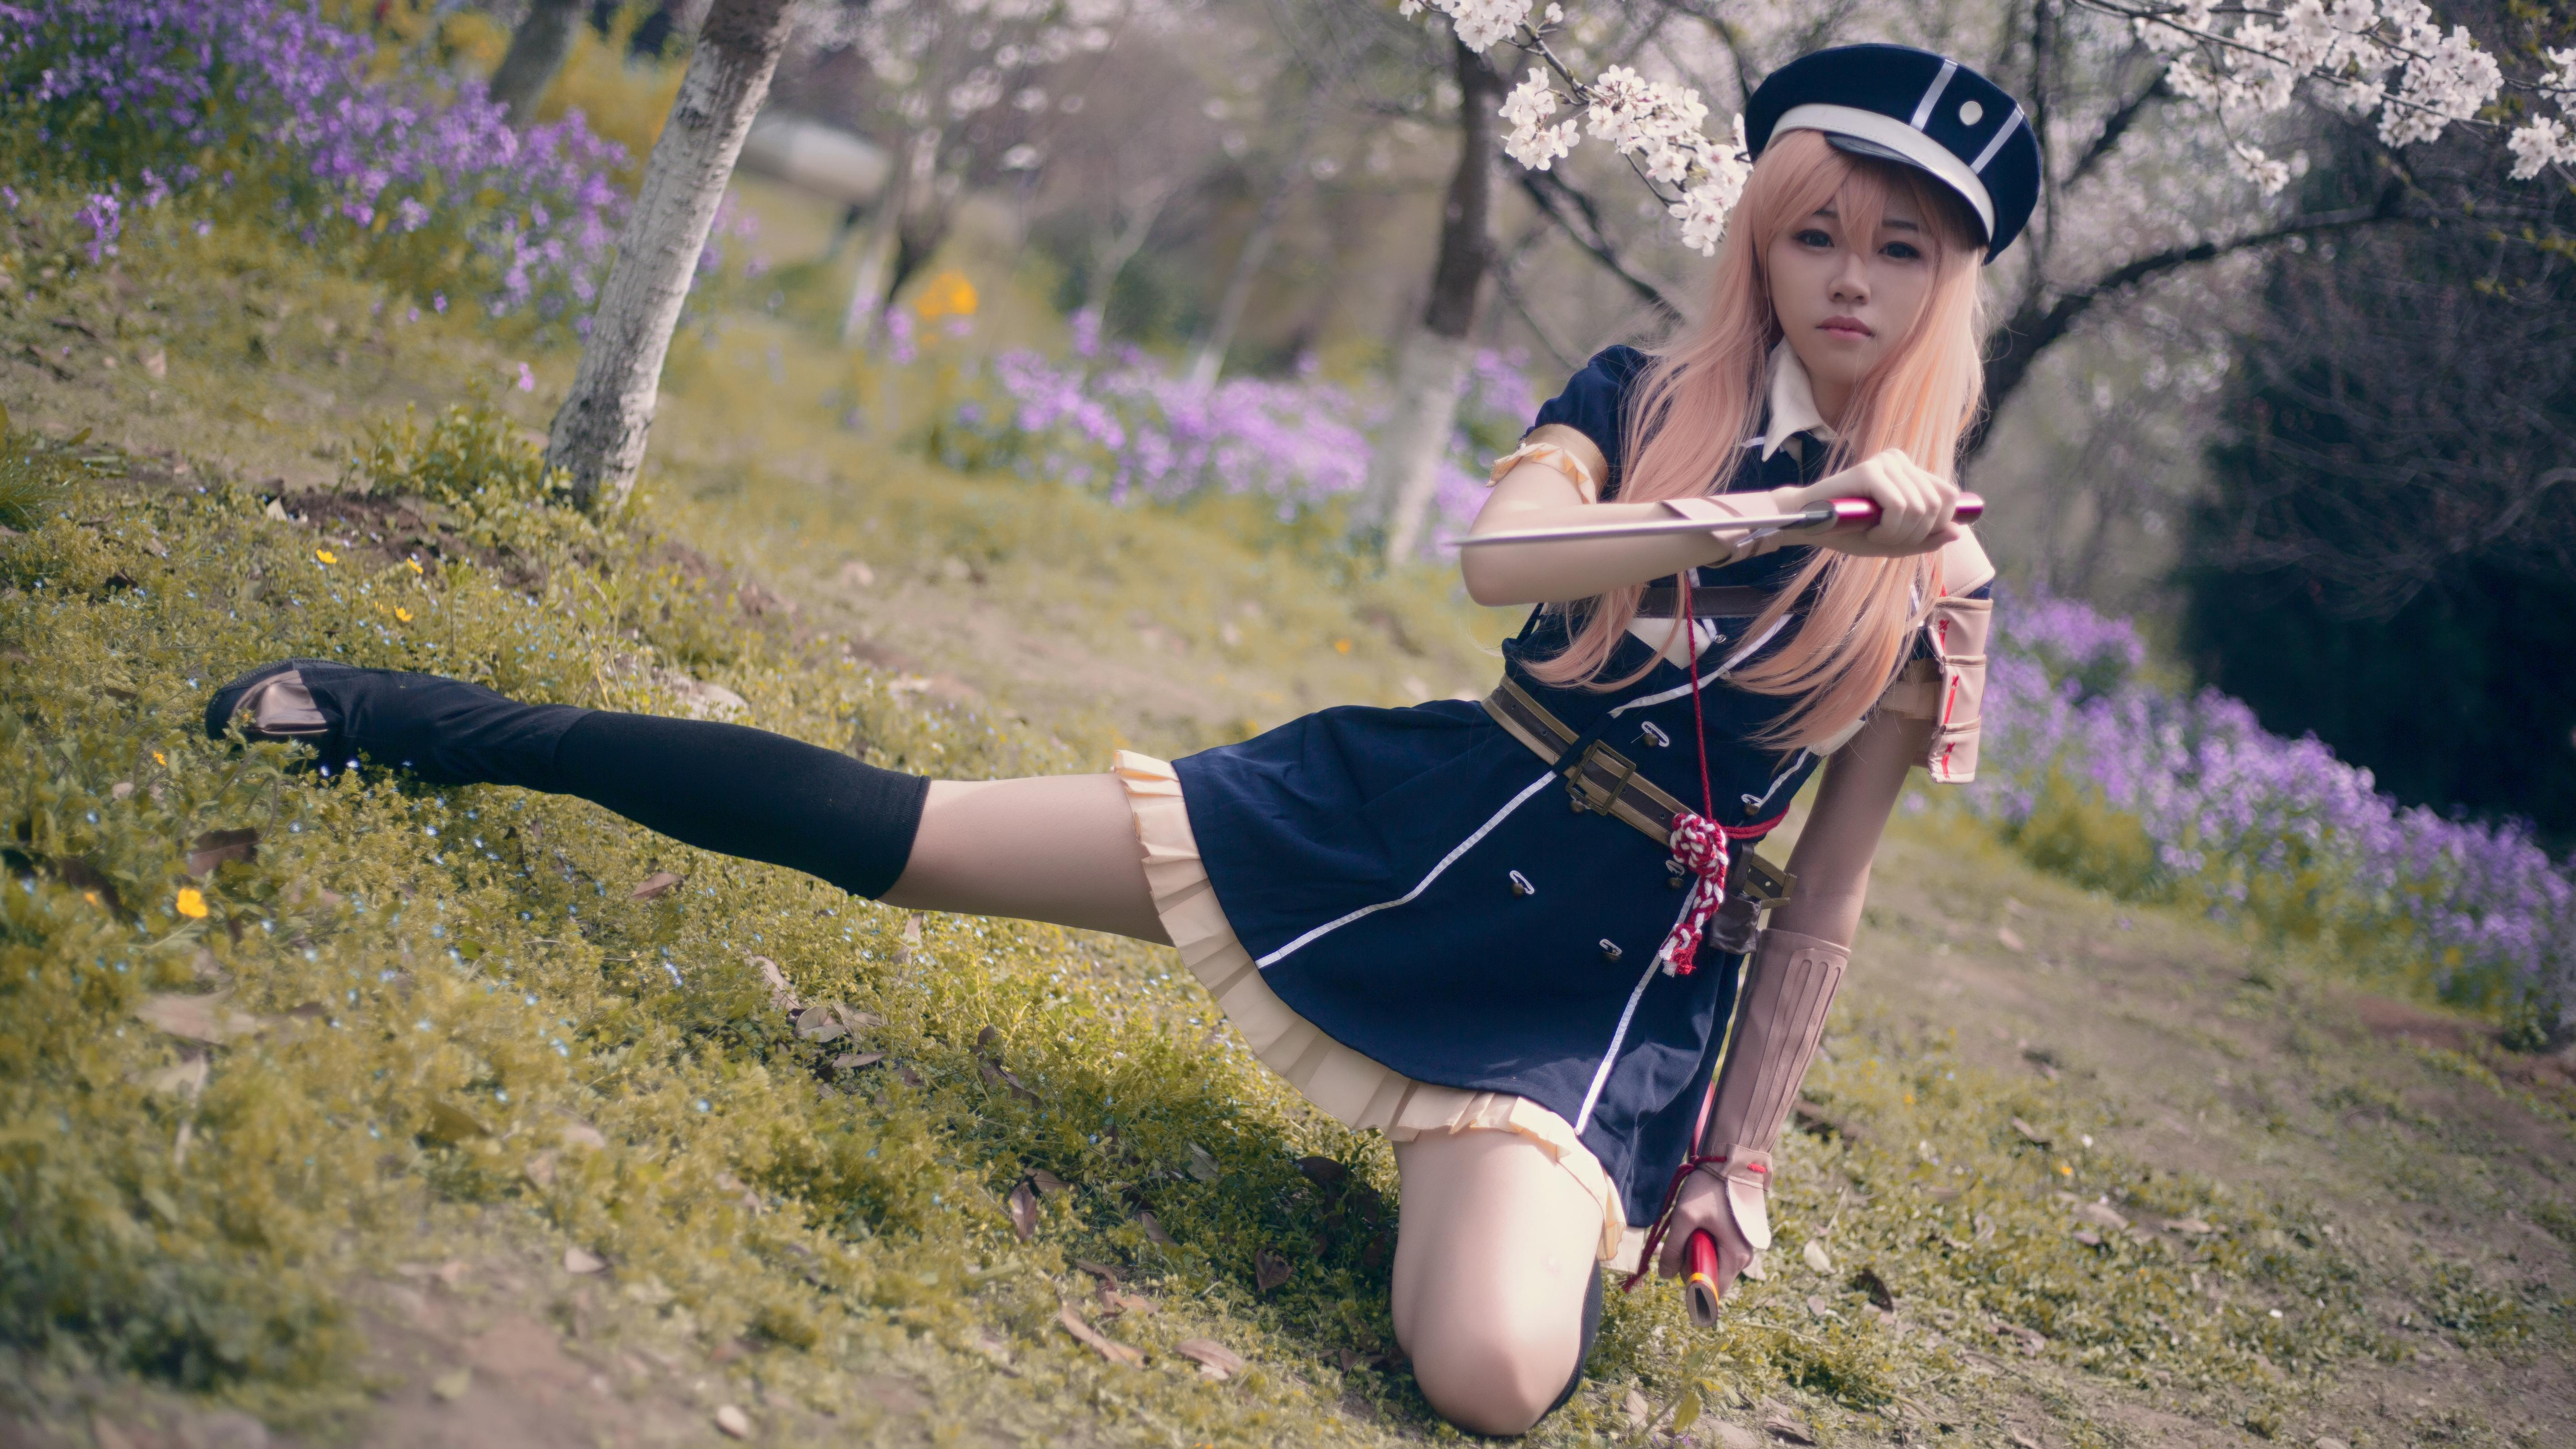 《刀剑乱舞》乱藤四郎cosplay【CN:绯茶】-第8张